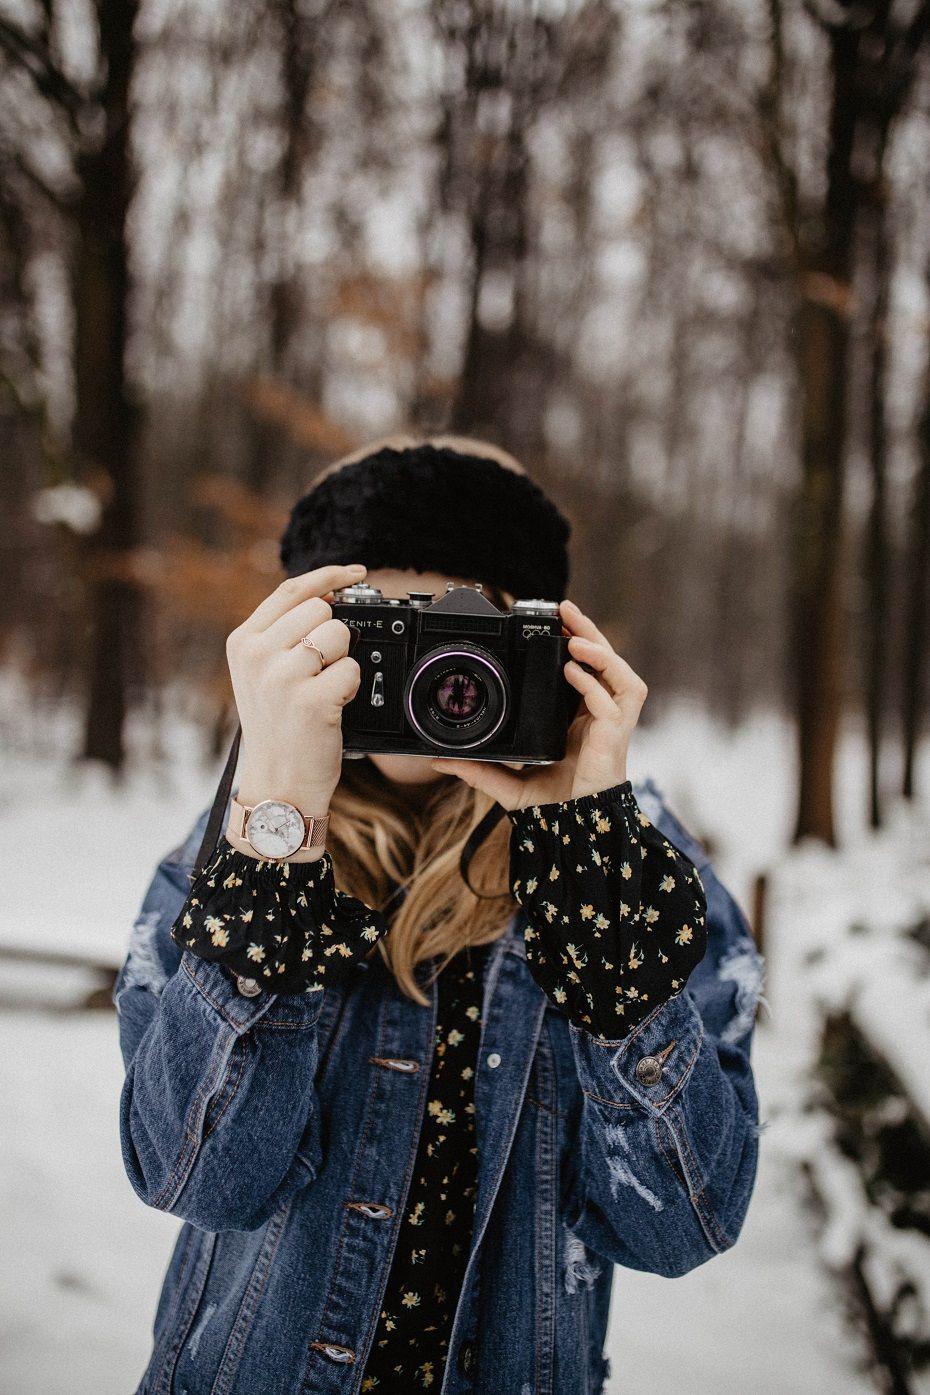 Sukienka Maxi W Kwiaty Rozalia Denim Jacket Winter Winter Dress Outfits Maxi Outfits